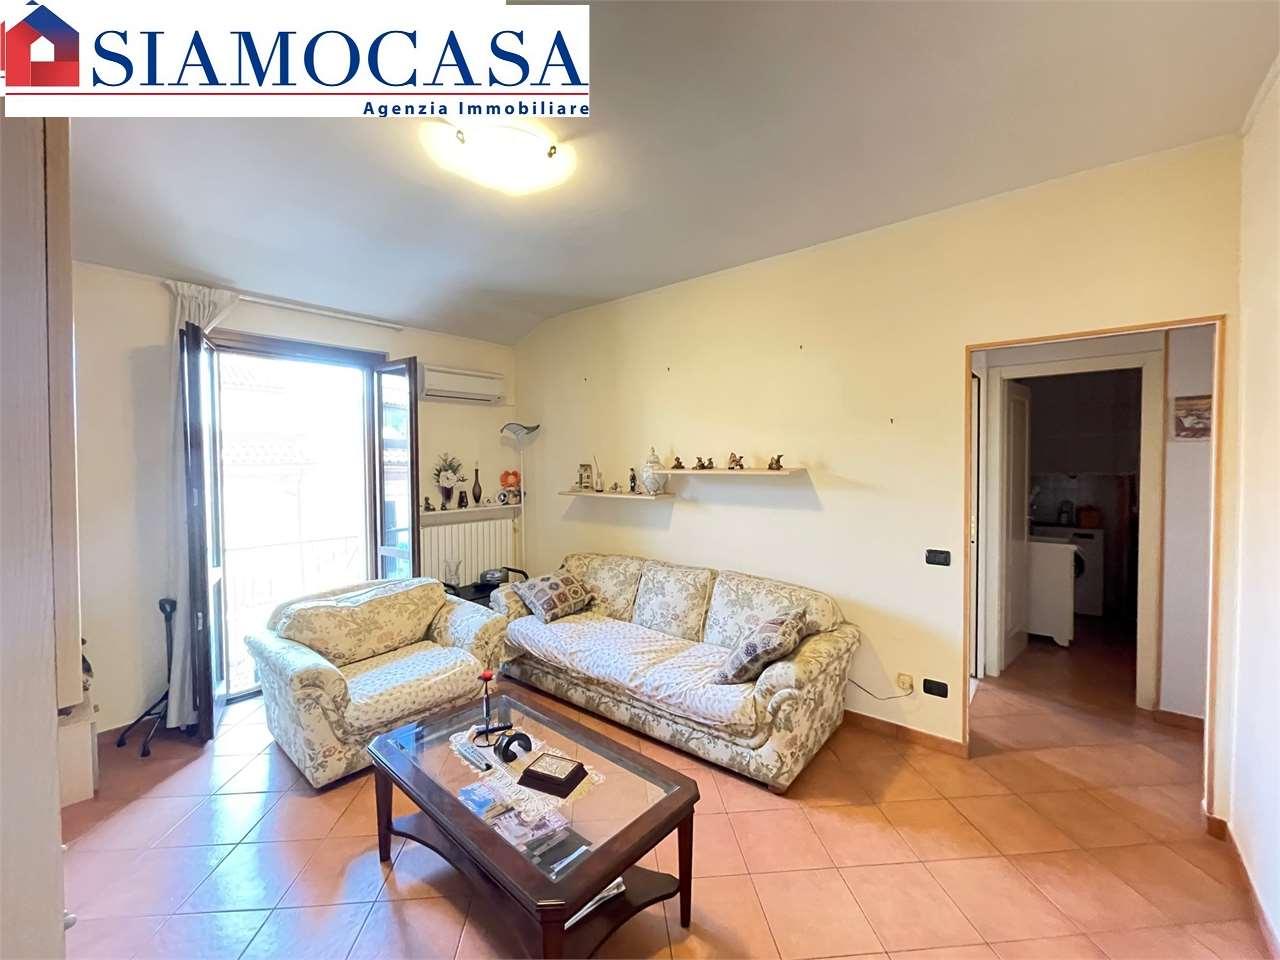 Vendita Trilocale Appartamento Alessandria 273891